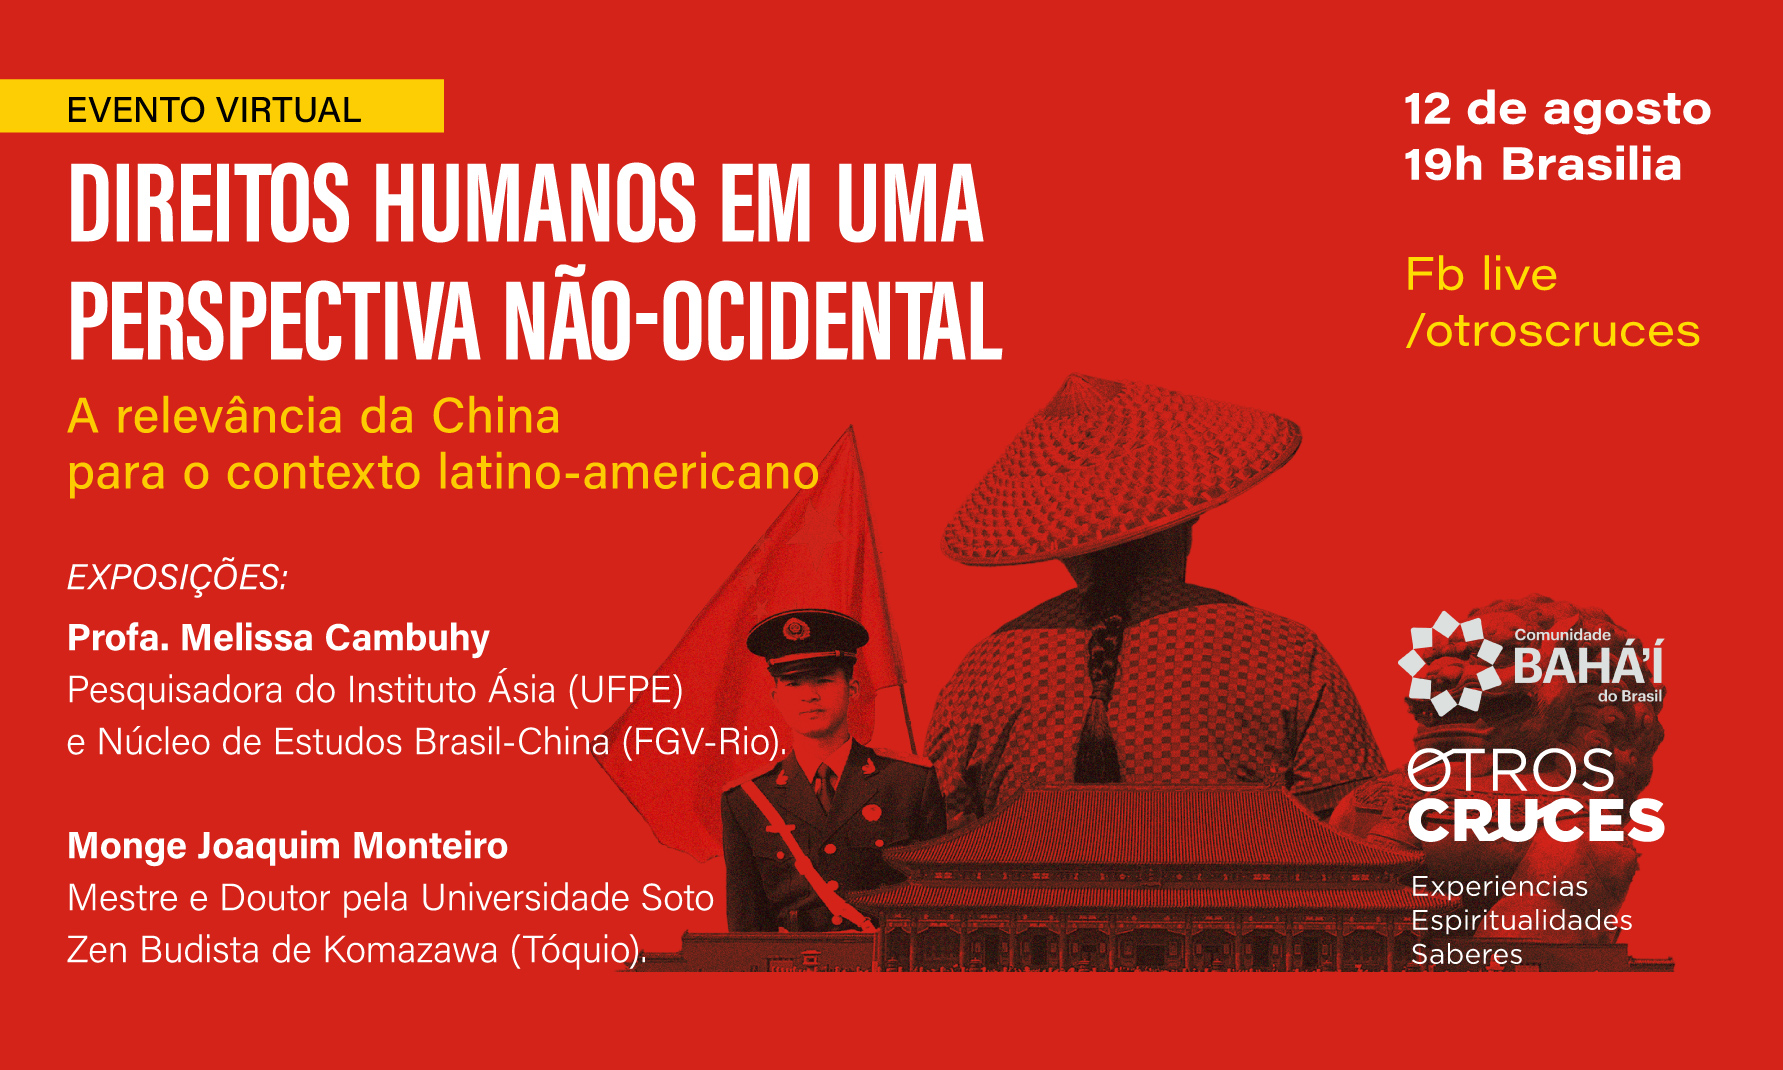 Direitos Humanos em uma perspectiva não-ocidental: a relevância da China para o contexto latino-americano.